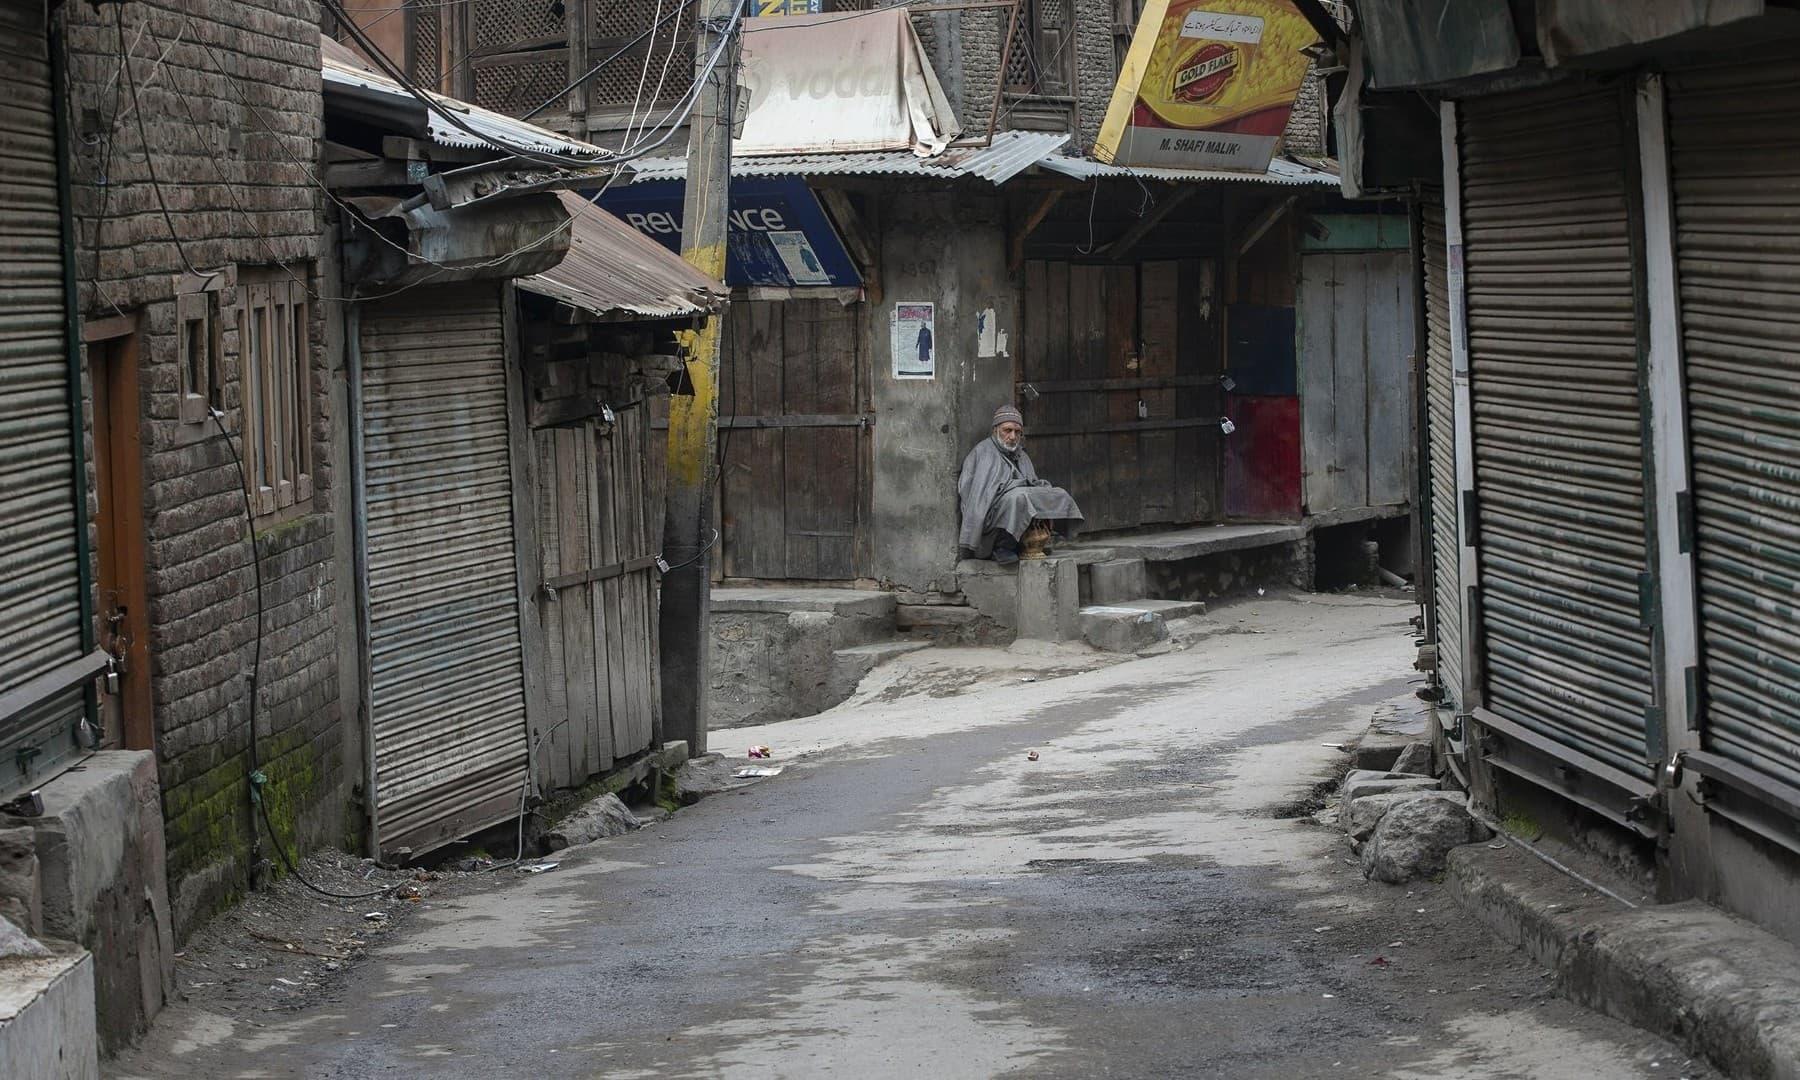 An elderly Kashmiri man sits outside a closed market during a strike in Srinagar on February 17, 2019.  — AP/Dar Yasin